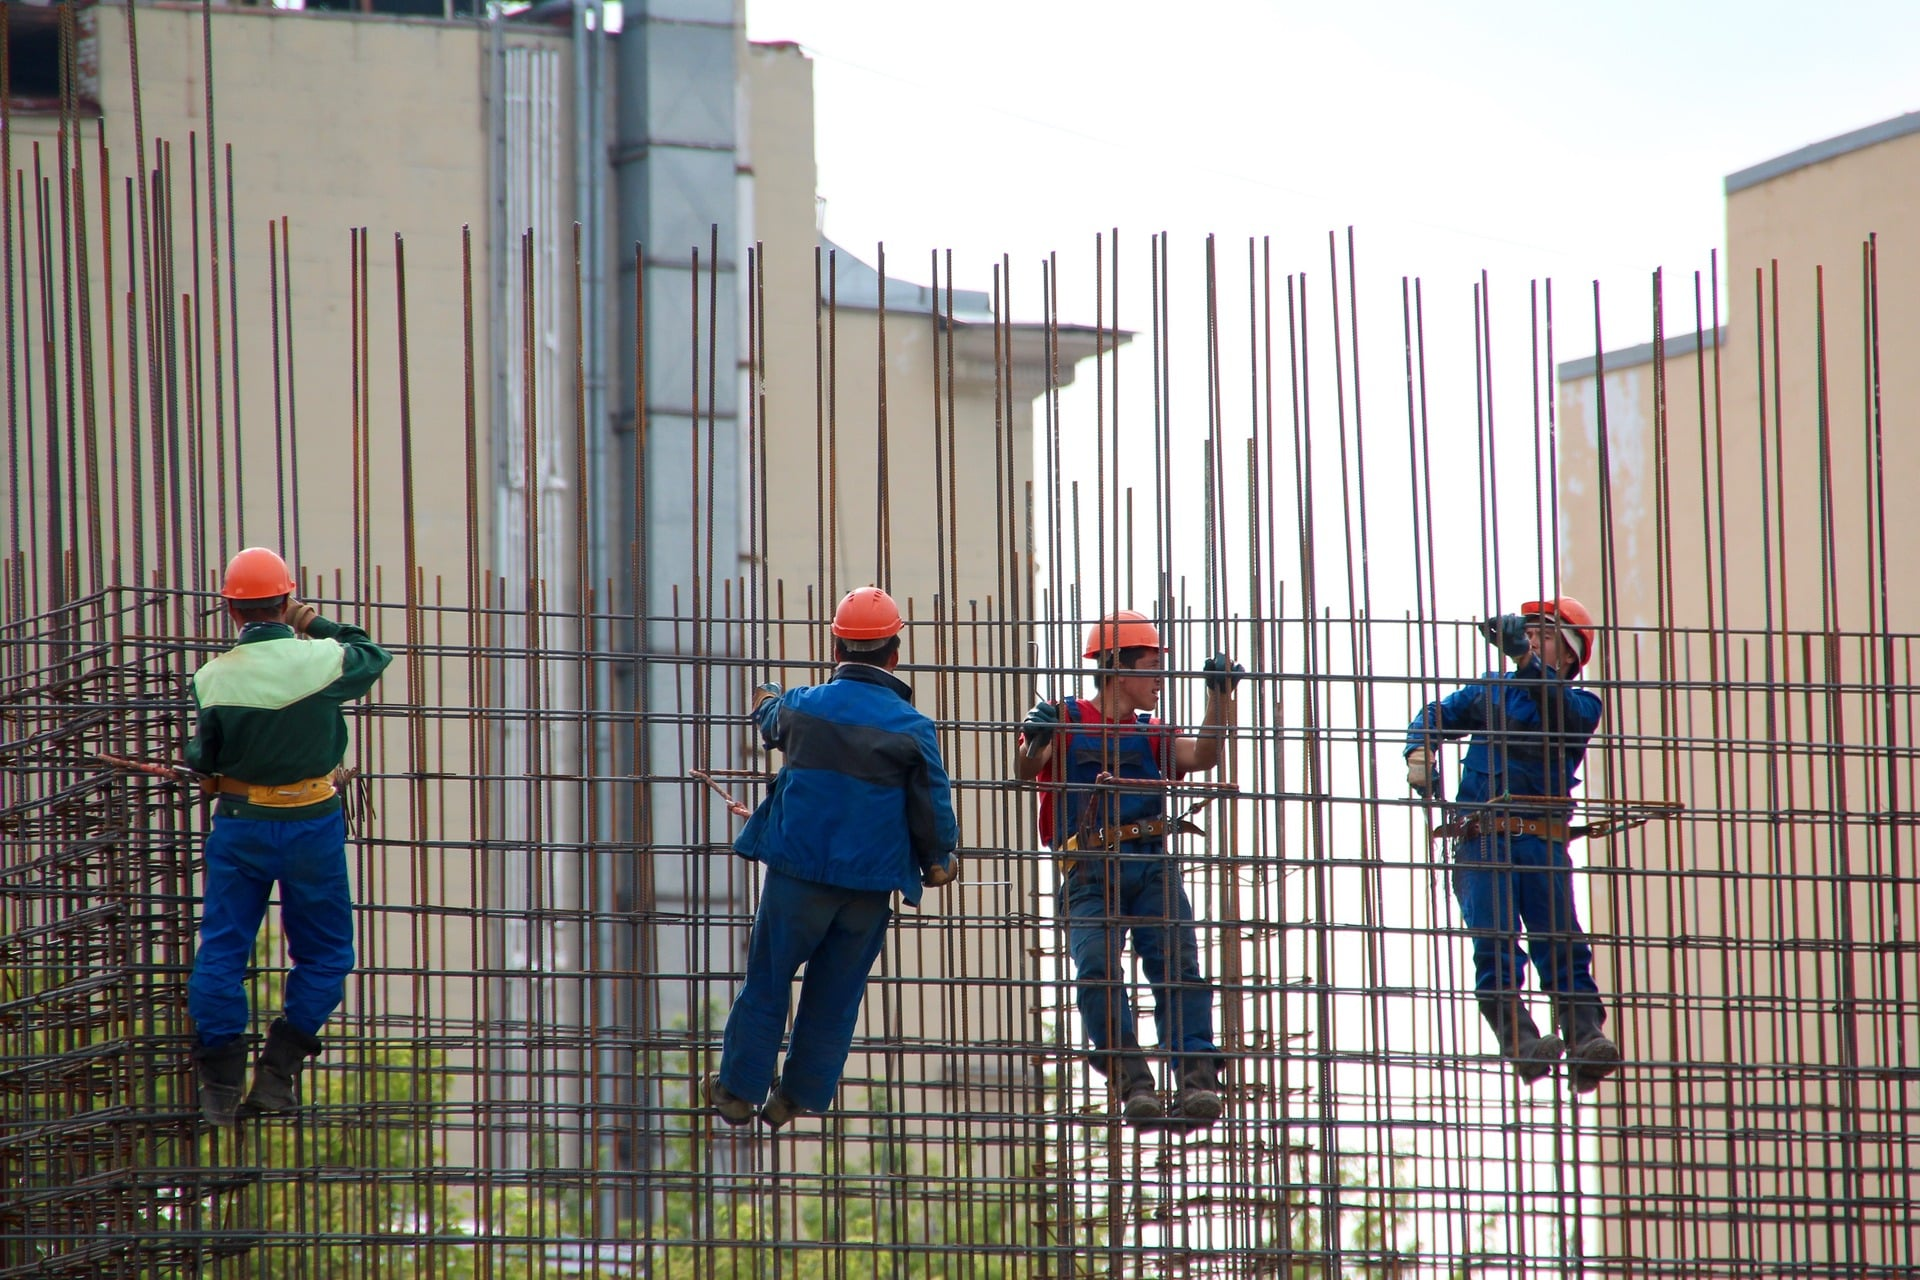 ביטוח אחריות מקצועית לאדריכלים ולמהנדסים – בונים לכם הגנה